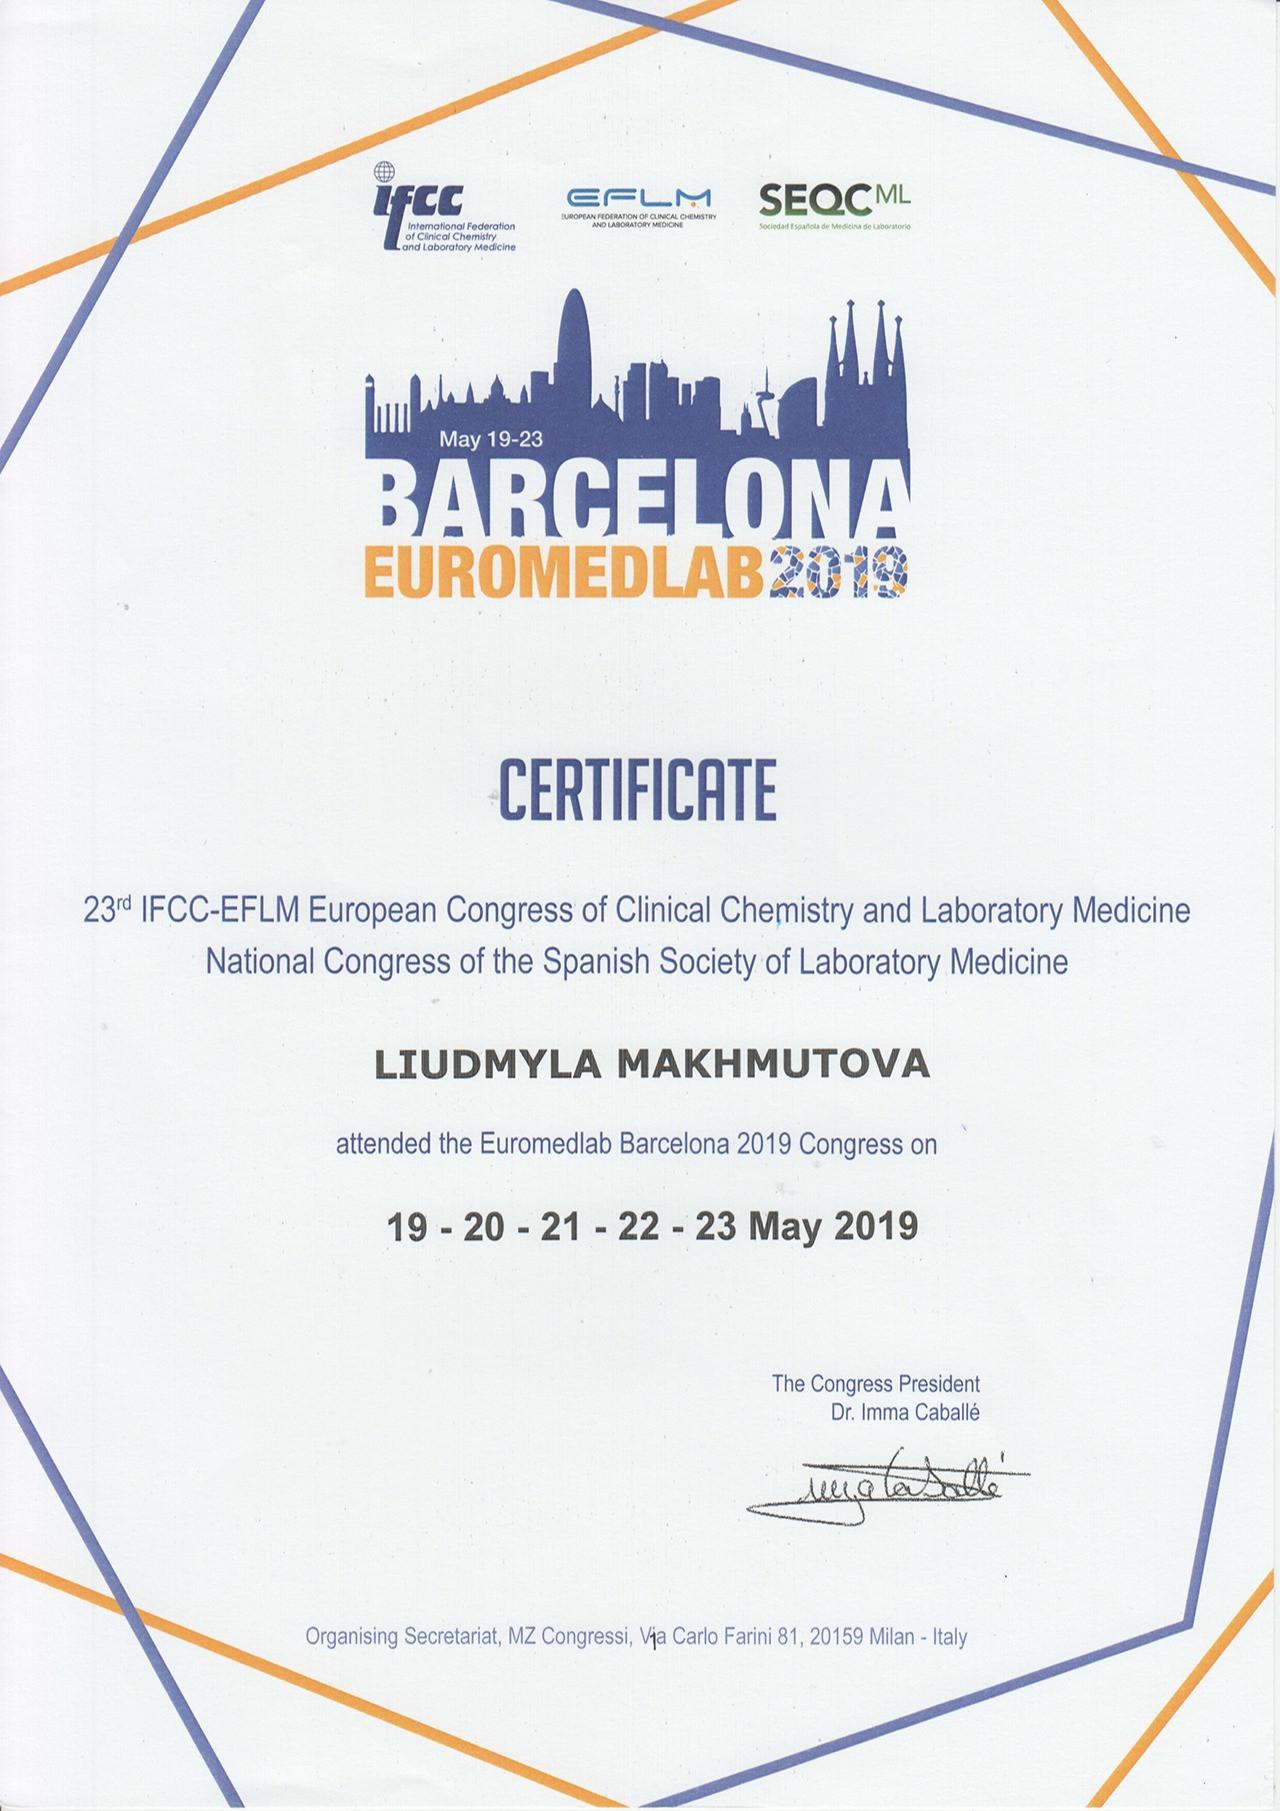 Сертификат об участии в 23-ем европейском конгрессе клинической химии и лабораторной медицины